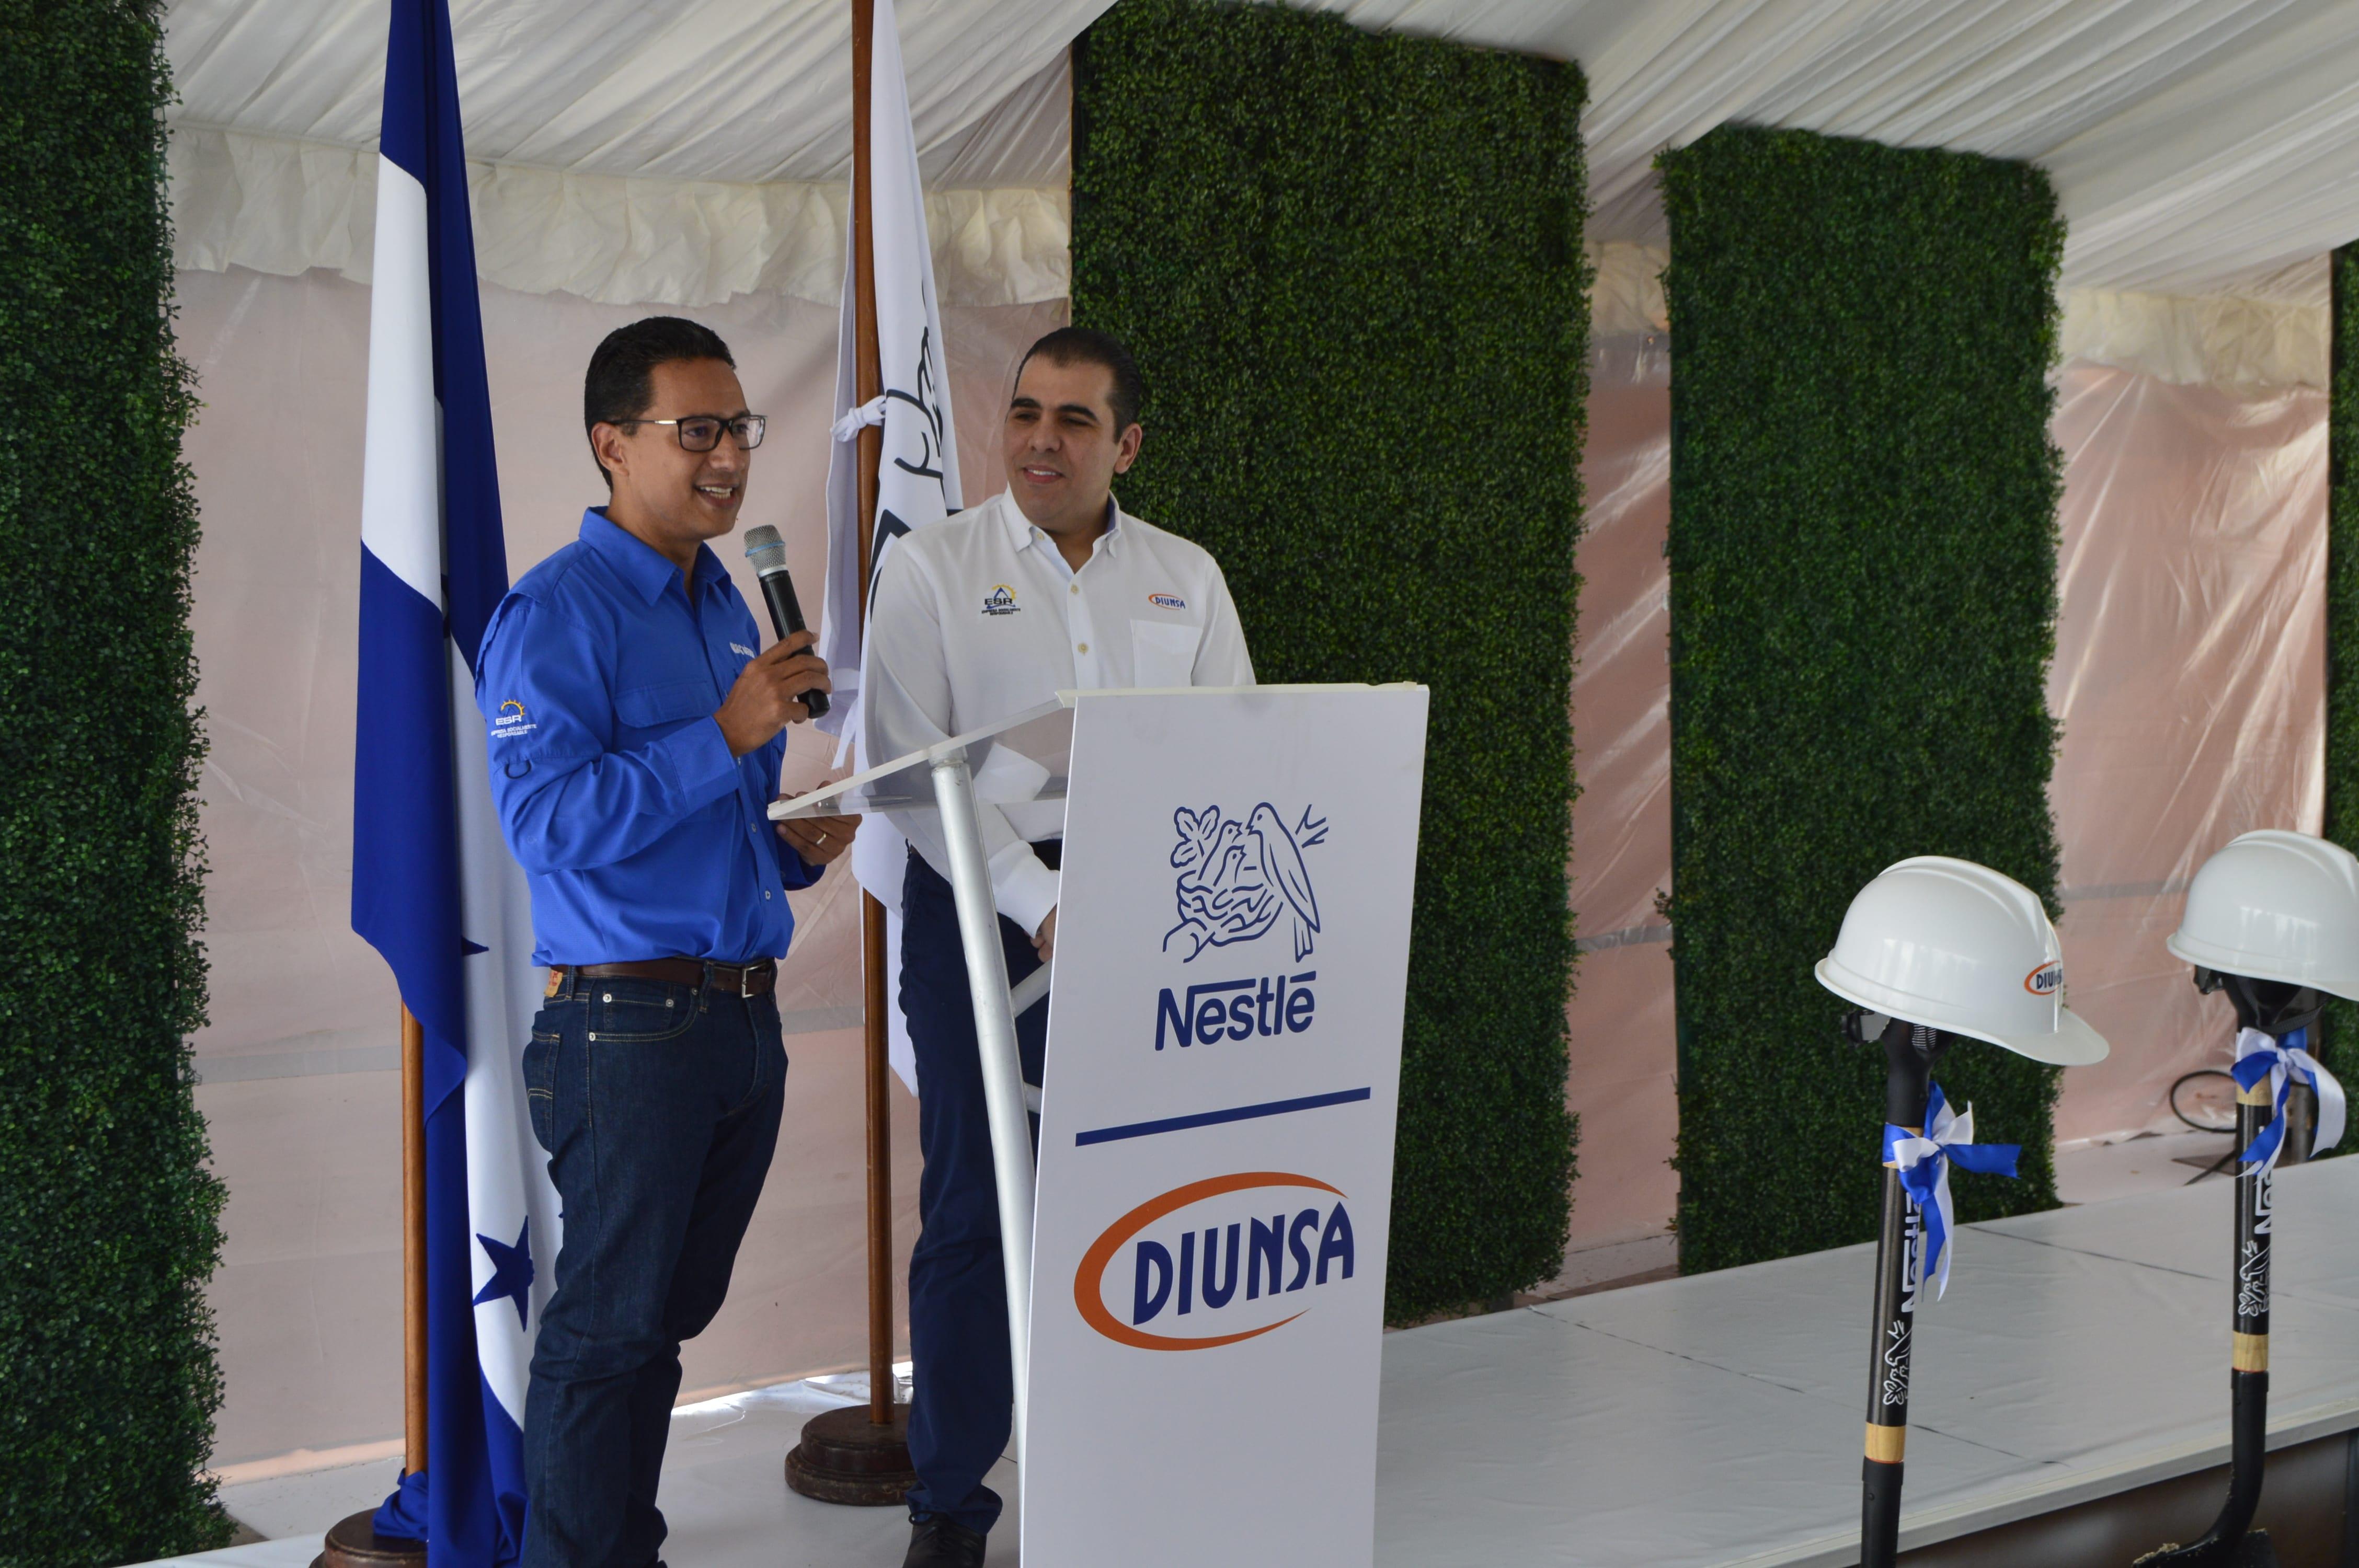 Representantes de Nestlé y Diunsa formalizando la alianza para la construcción del centro de distribución sostenible.